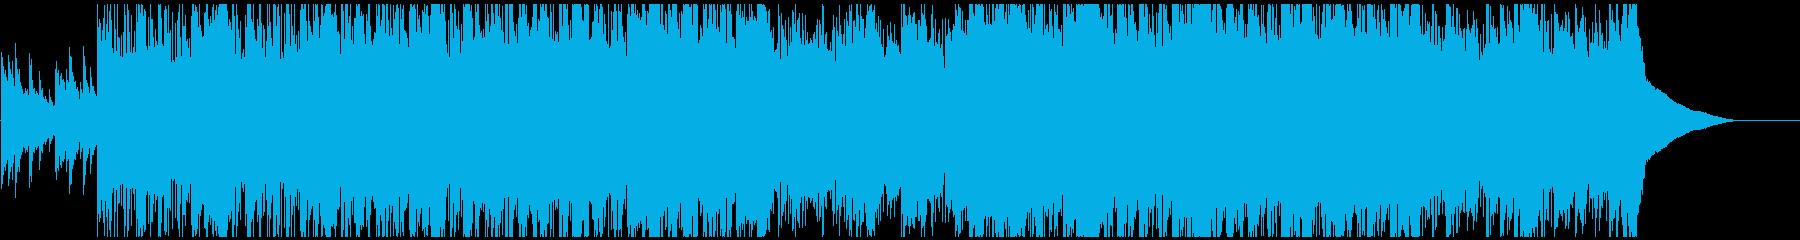 【ヒップホップ】おしゃれ・スローテンポの再生済みの波形